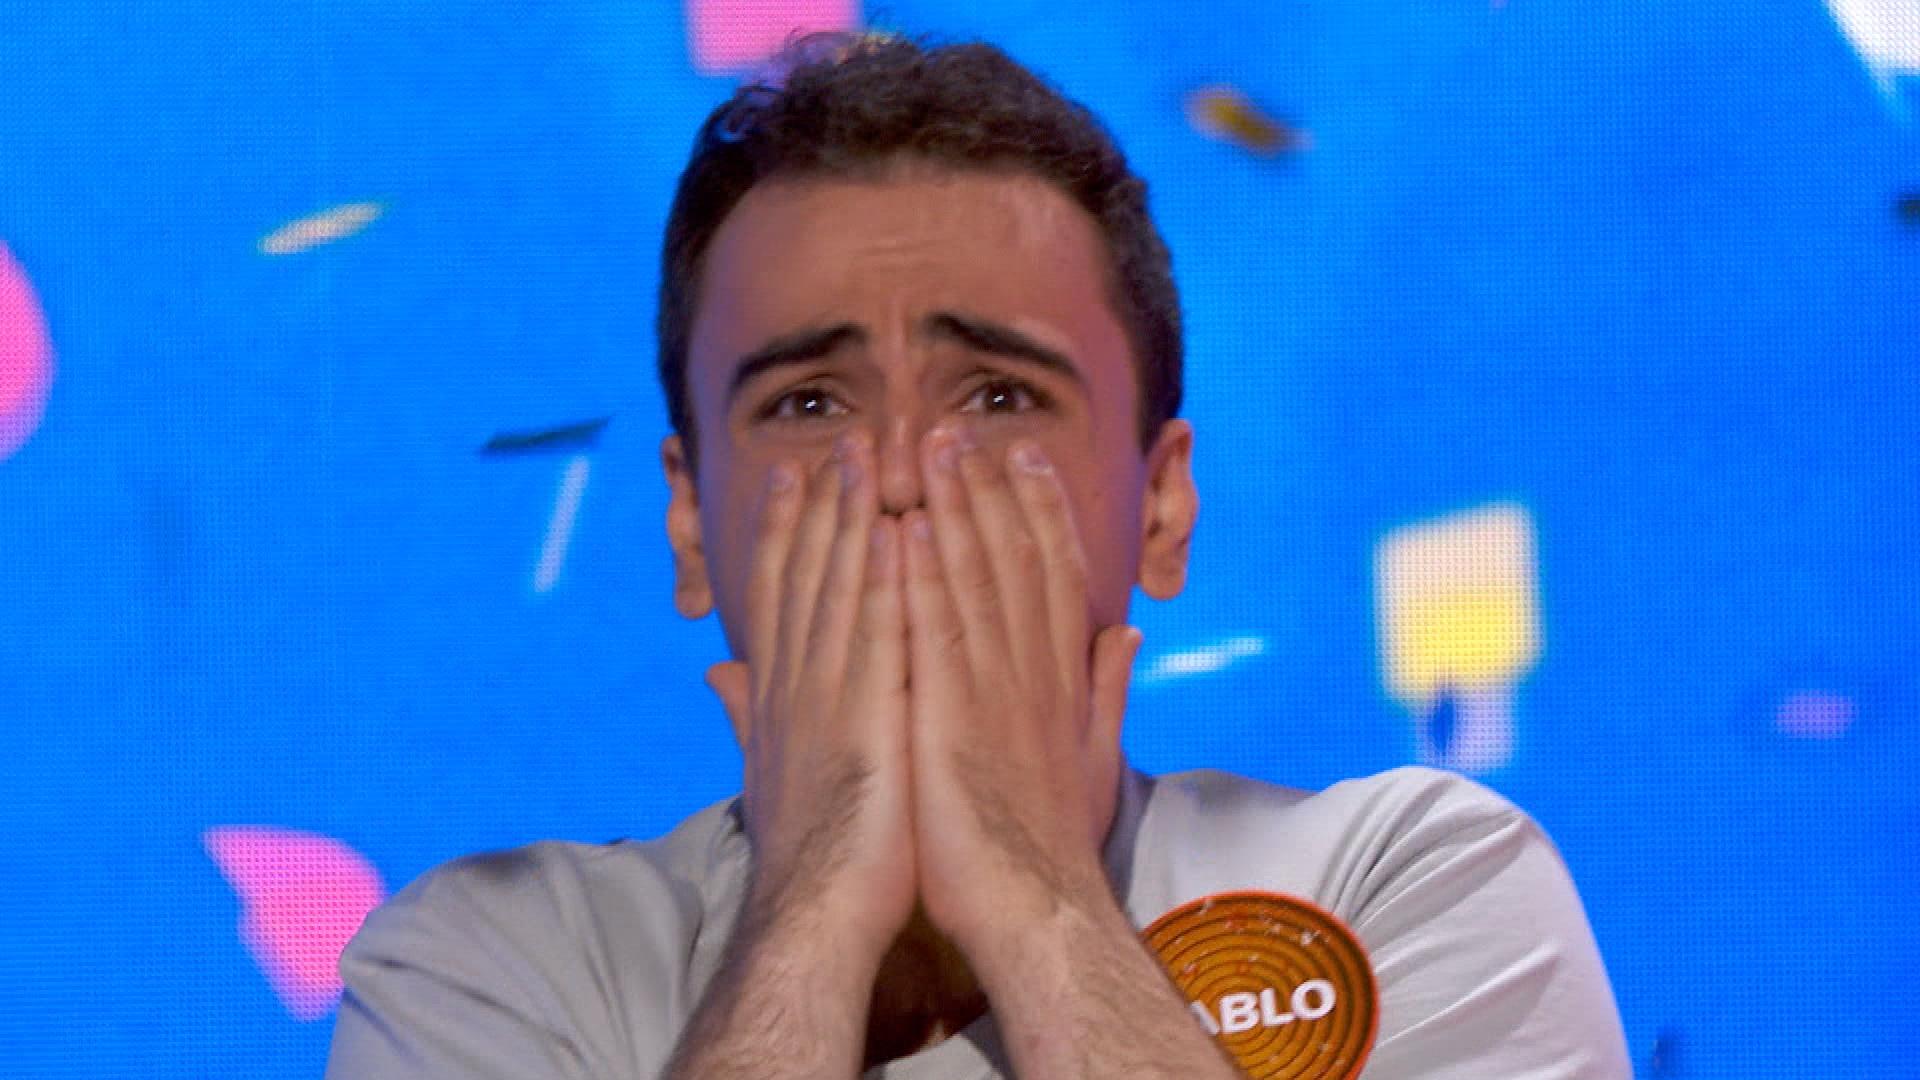 Pablo Diaz gana el rosco de Pasapalabra